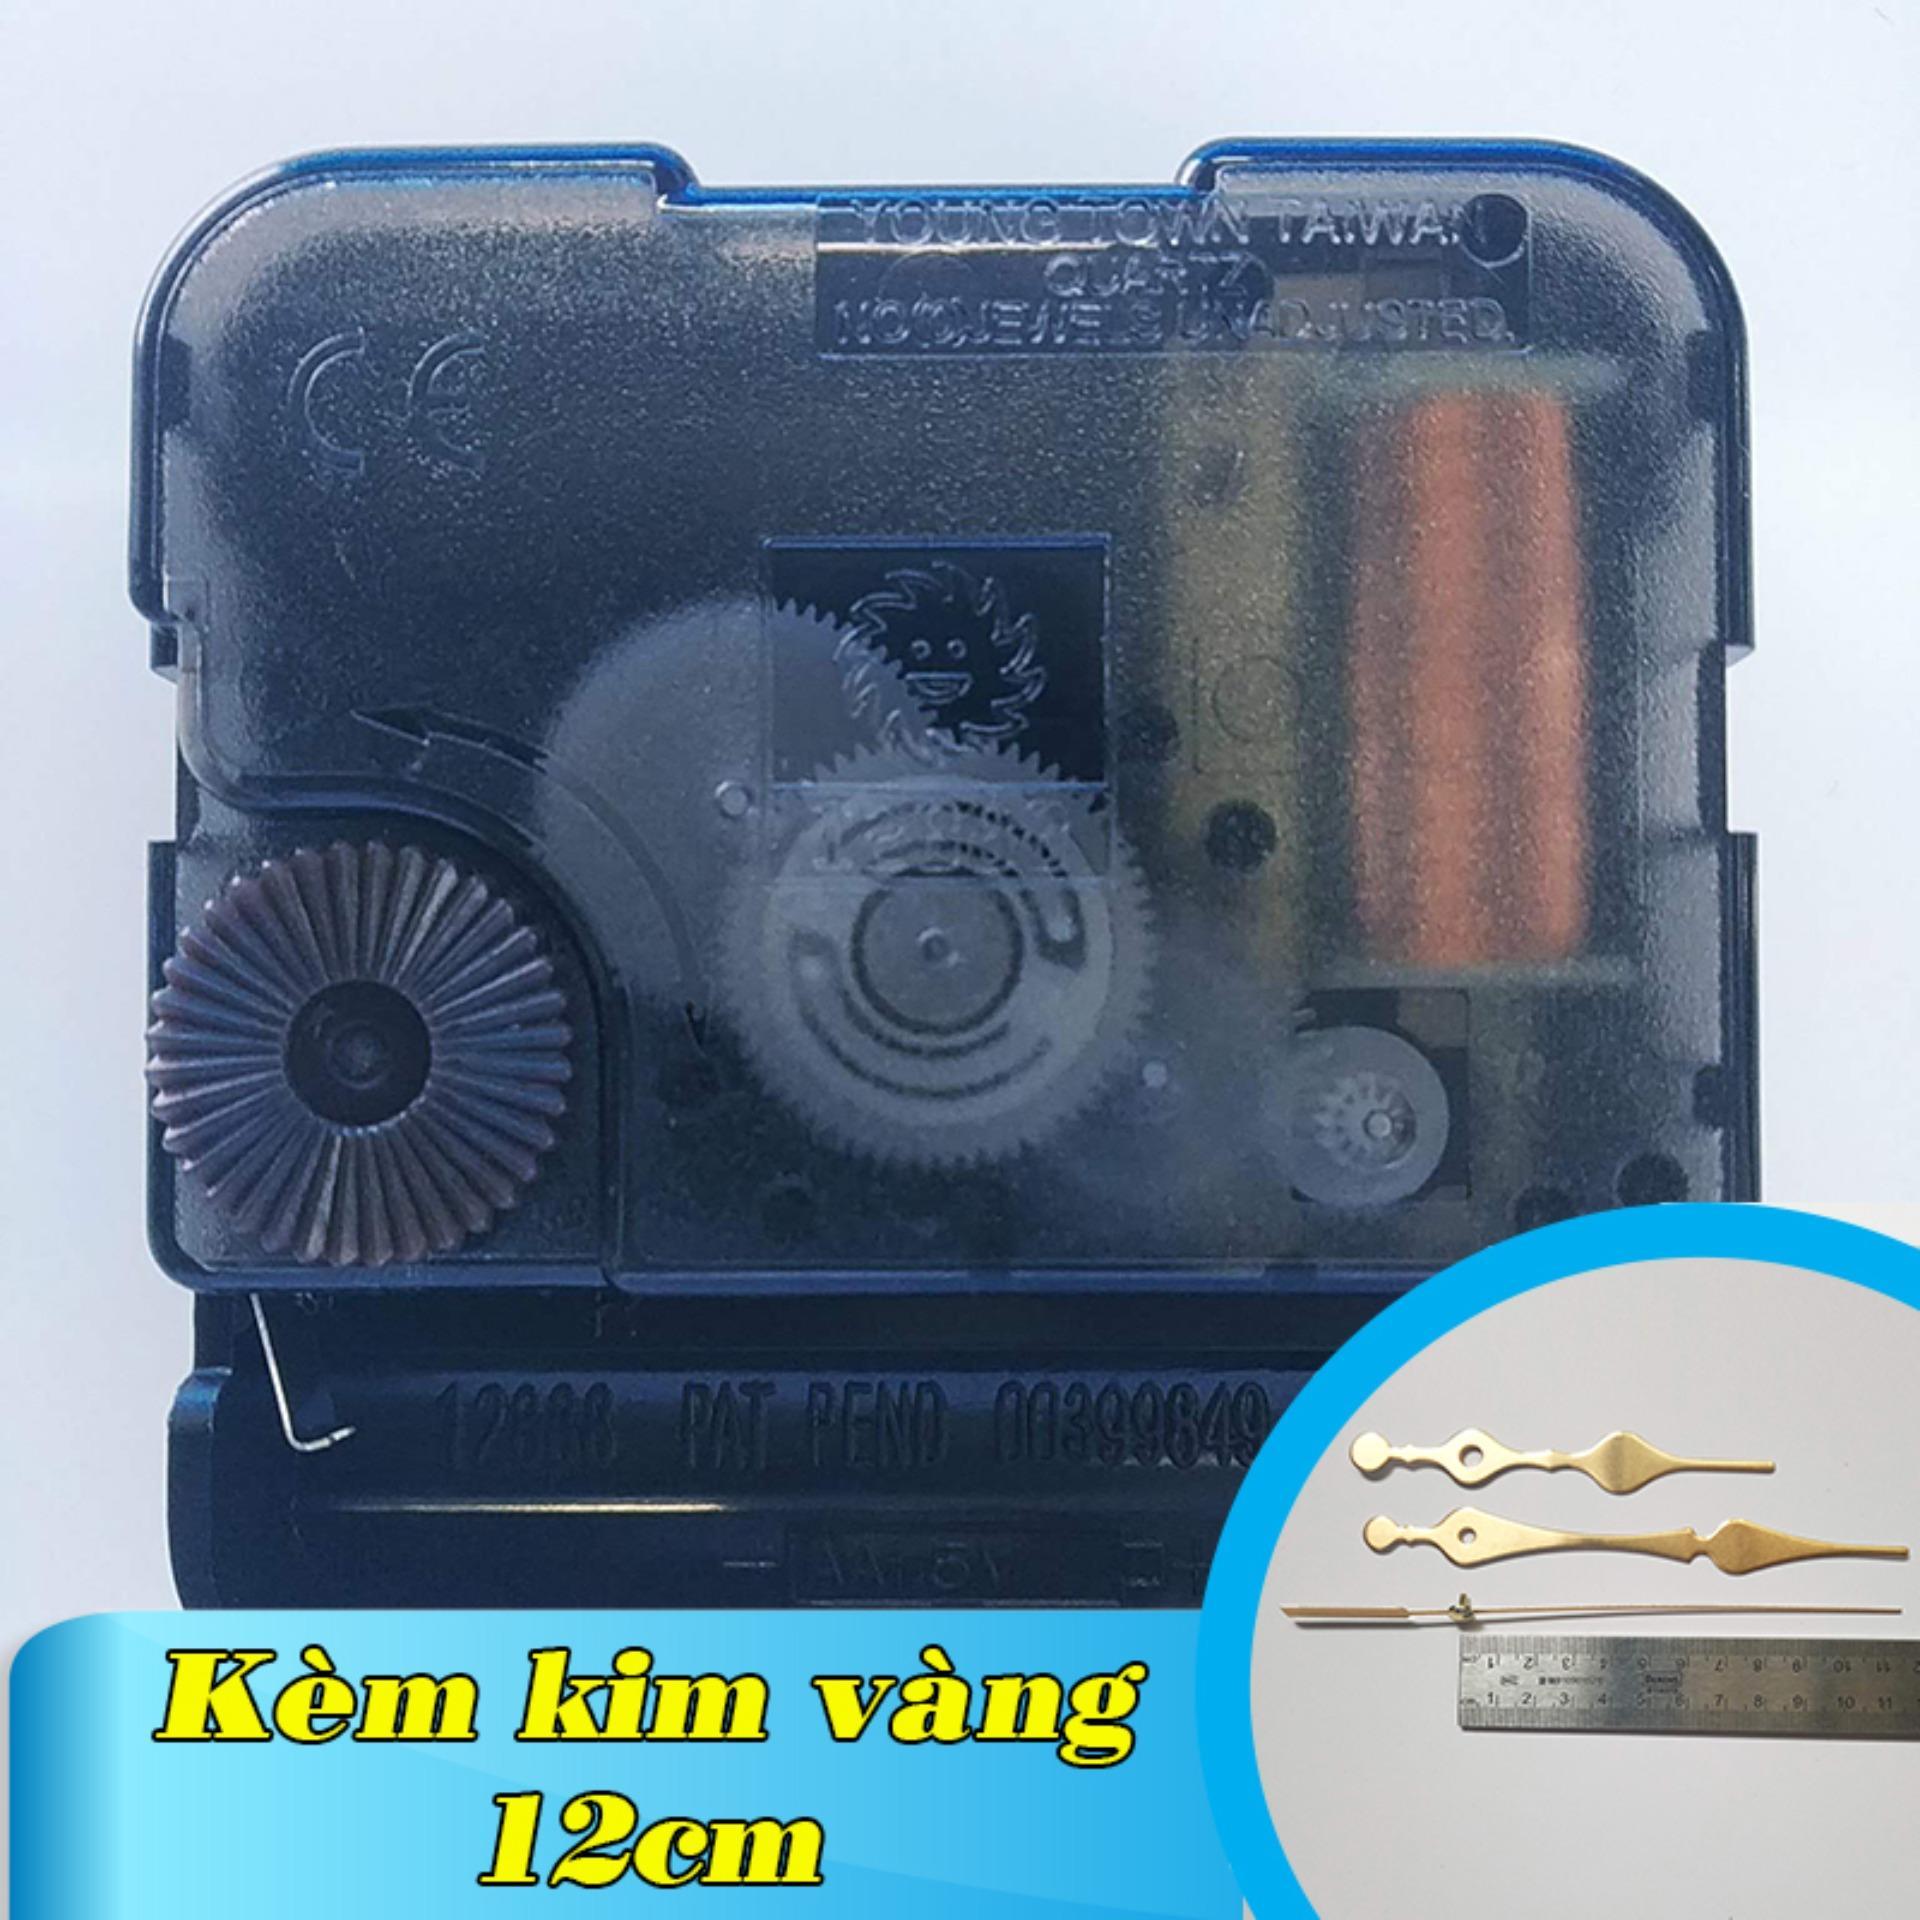 Kim giật - Bộ kim vàng 12cm và Máy đồng hồ treo tường Đài Loan loại tốt - Trục 5mm